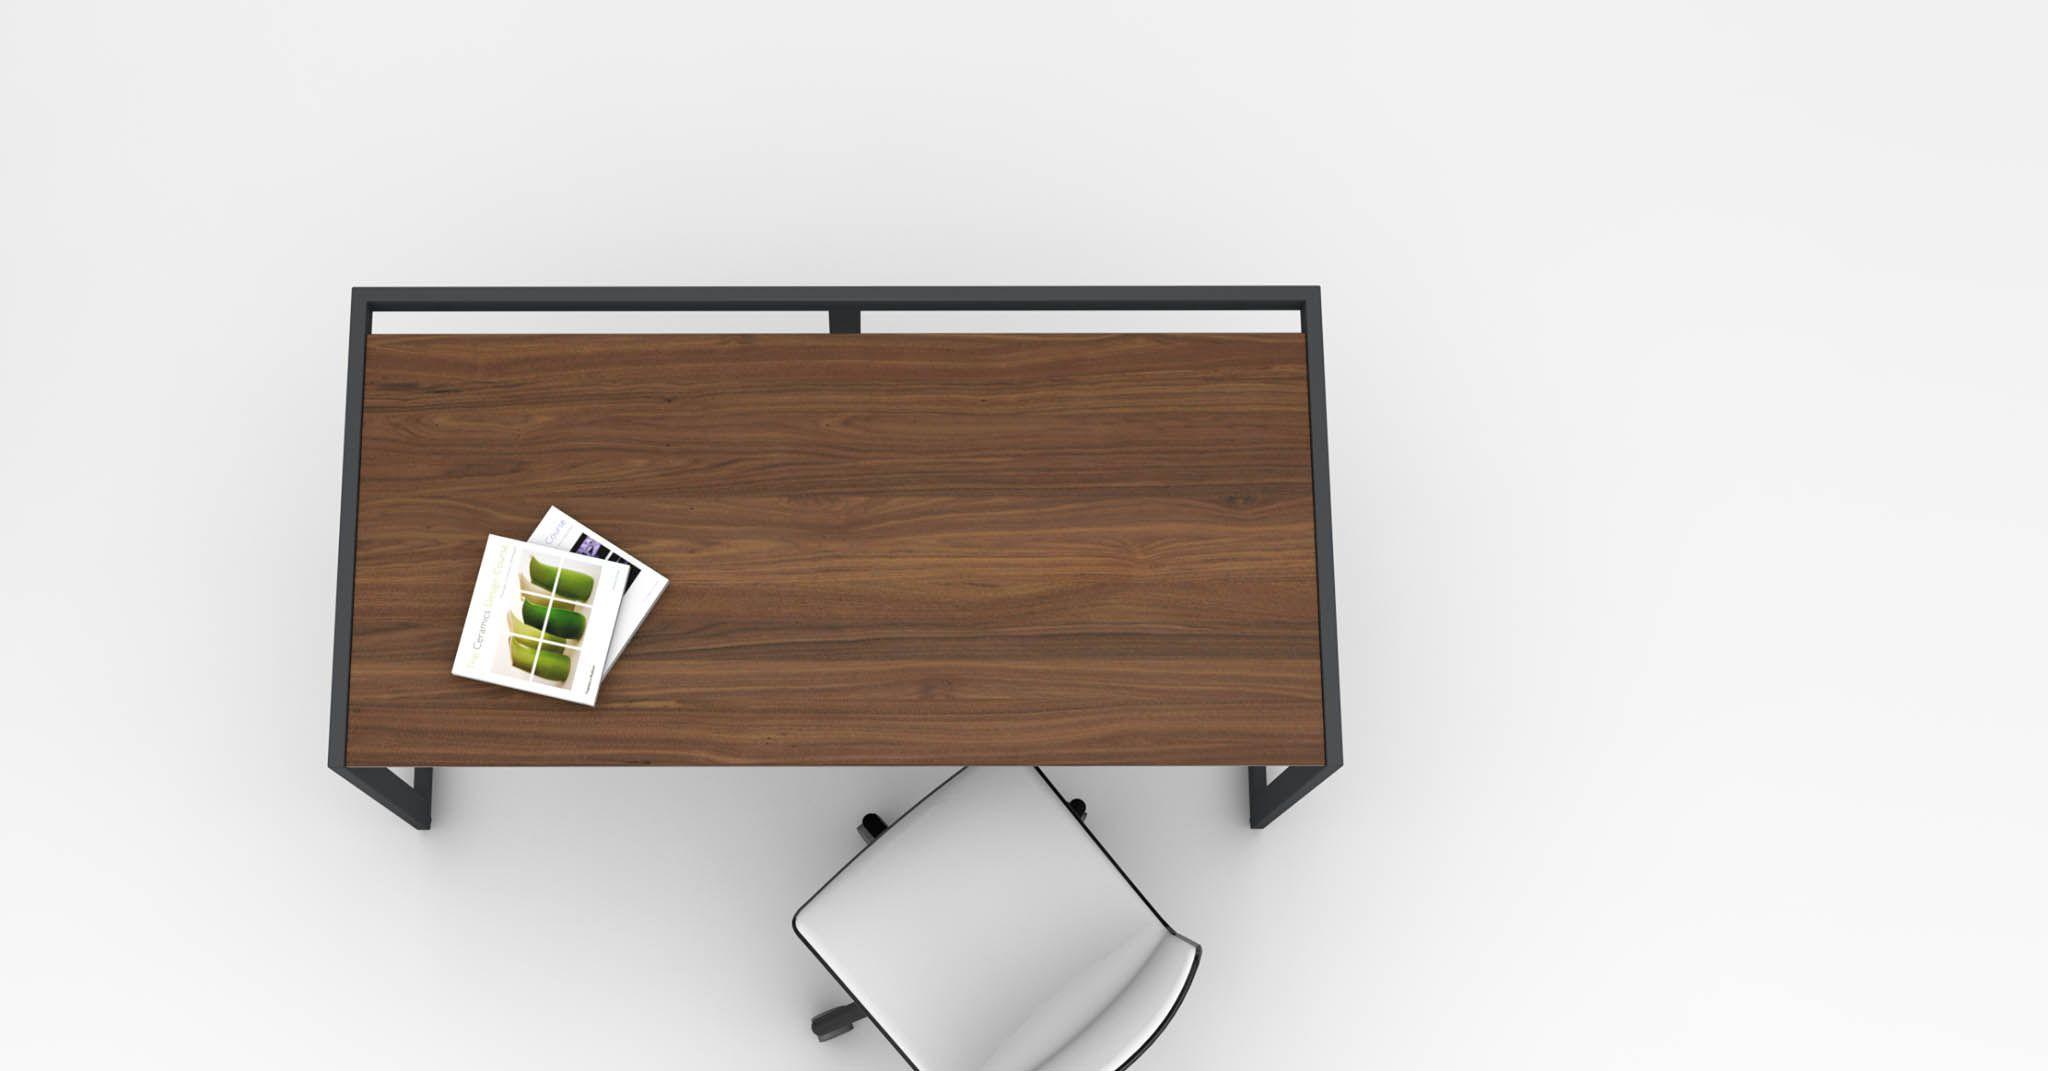 Mandeville Desk In Walnut And Black Painted Steel With The Tweet Desk Chair Desk Desk Chair Wood Veneer